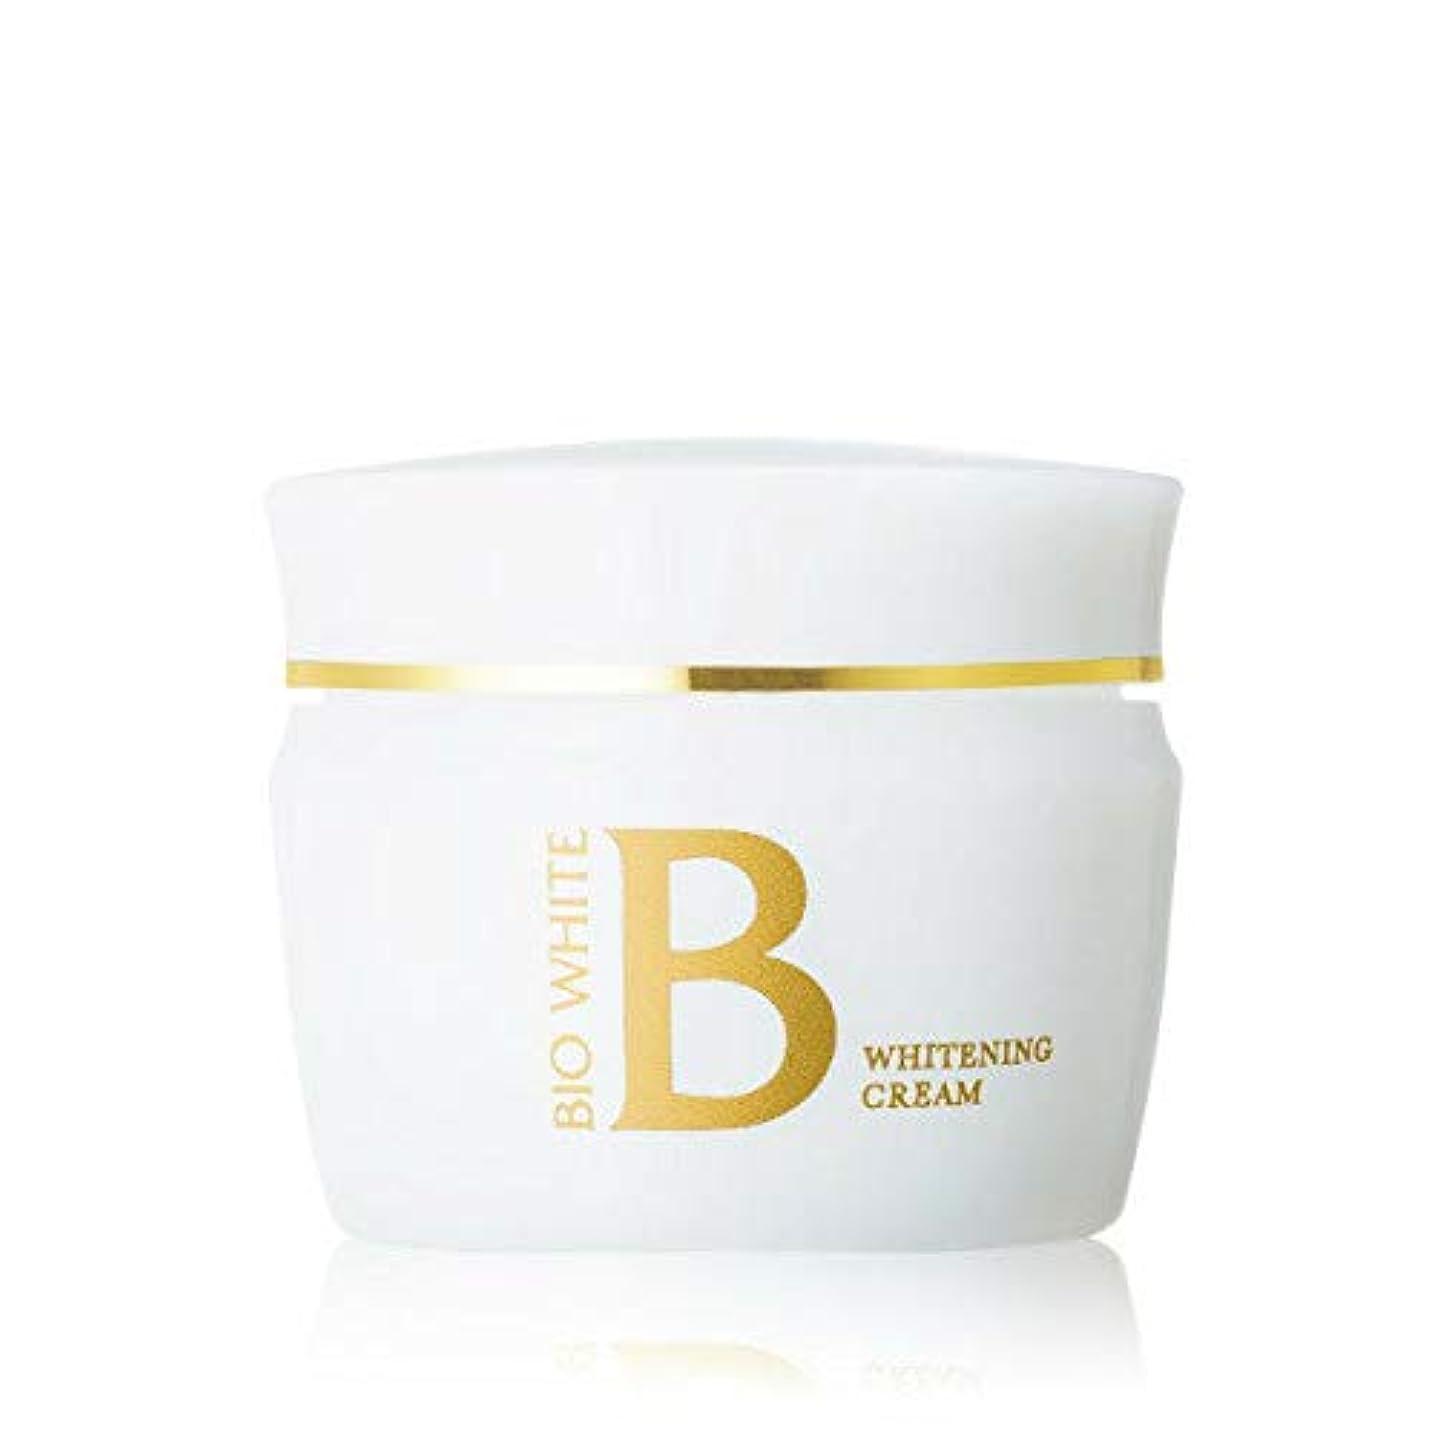 縮約香水祝福するエビス化粧品(EBiS) エビス ビーホワイトクリーム 40g 美白クリーム トラネキサム酸 配合 医薬部外品